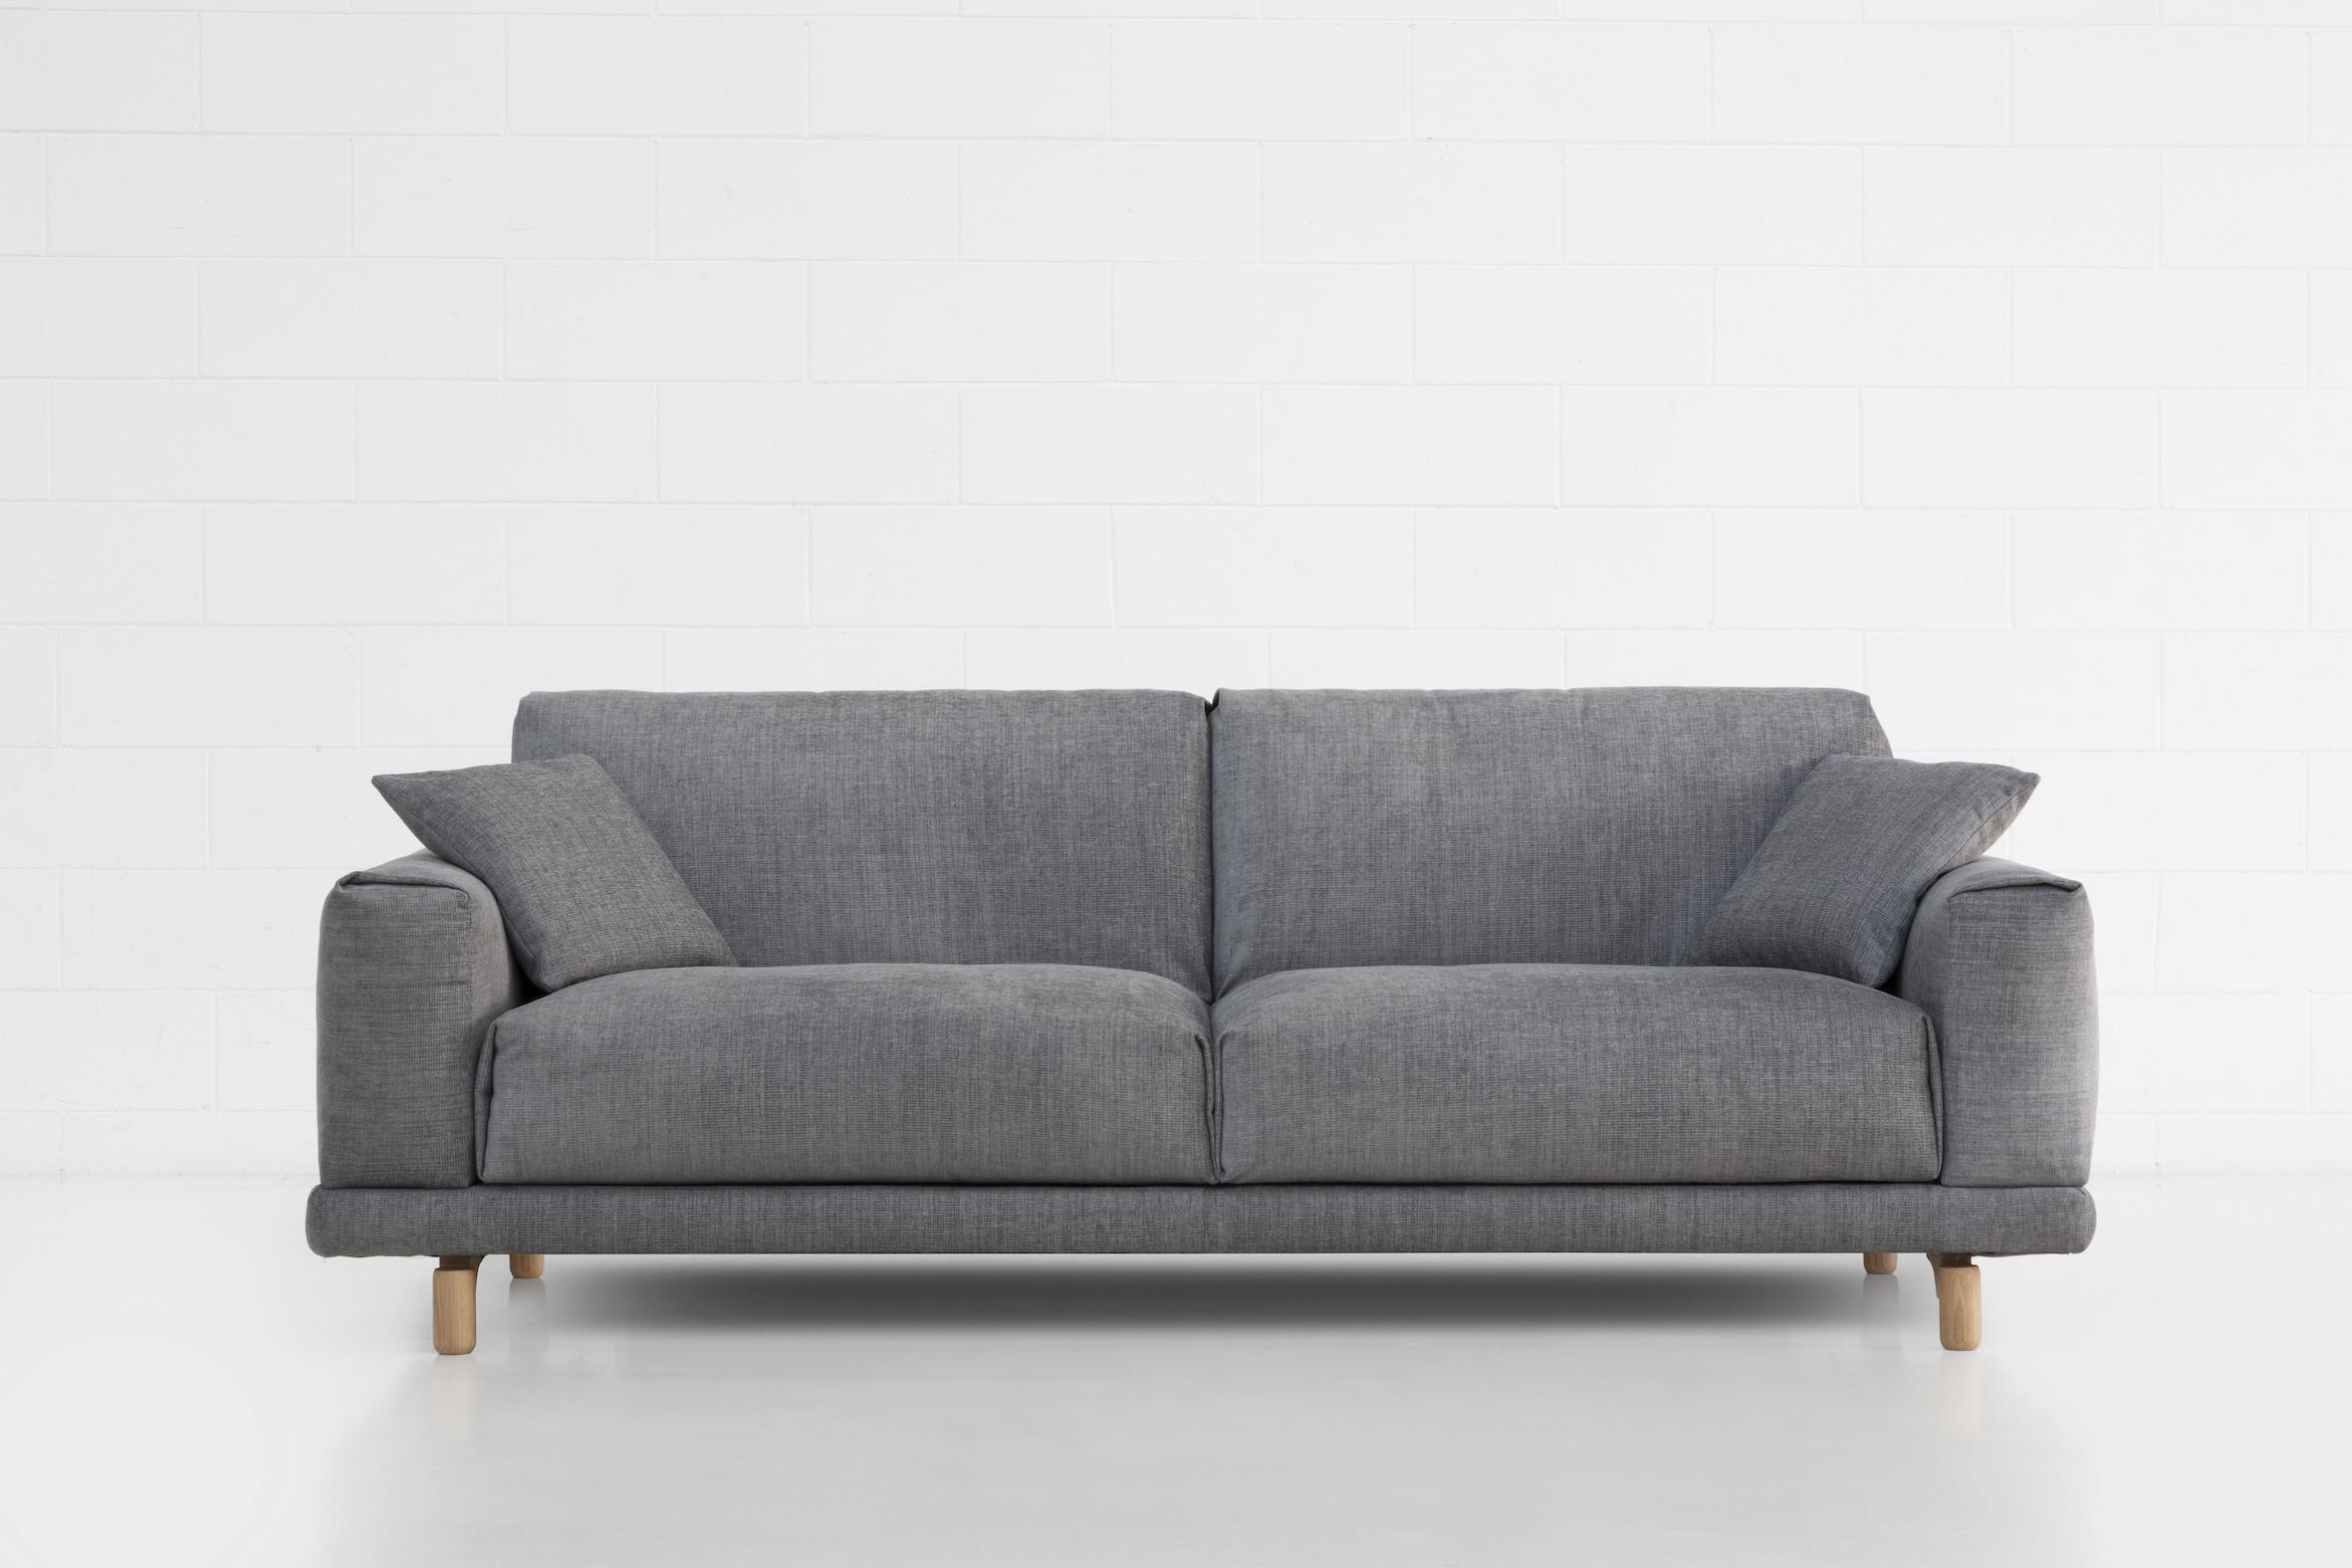 Canapé Convertible Potiron - Royal Sofa : Idée De Canapé pour Potiron Meubles